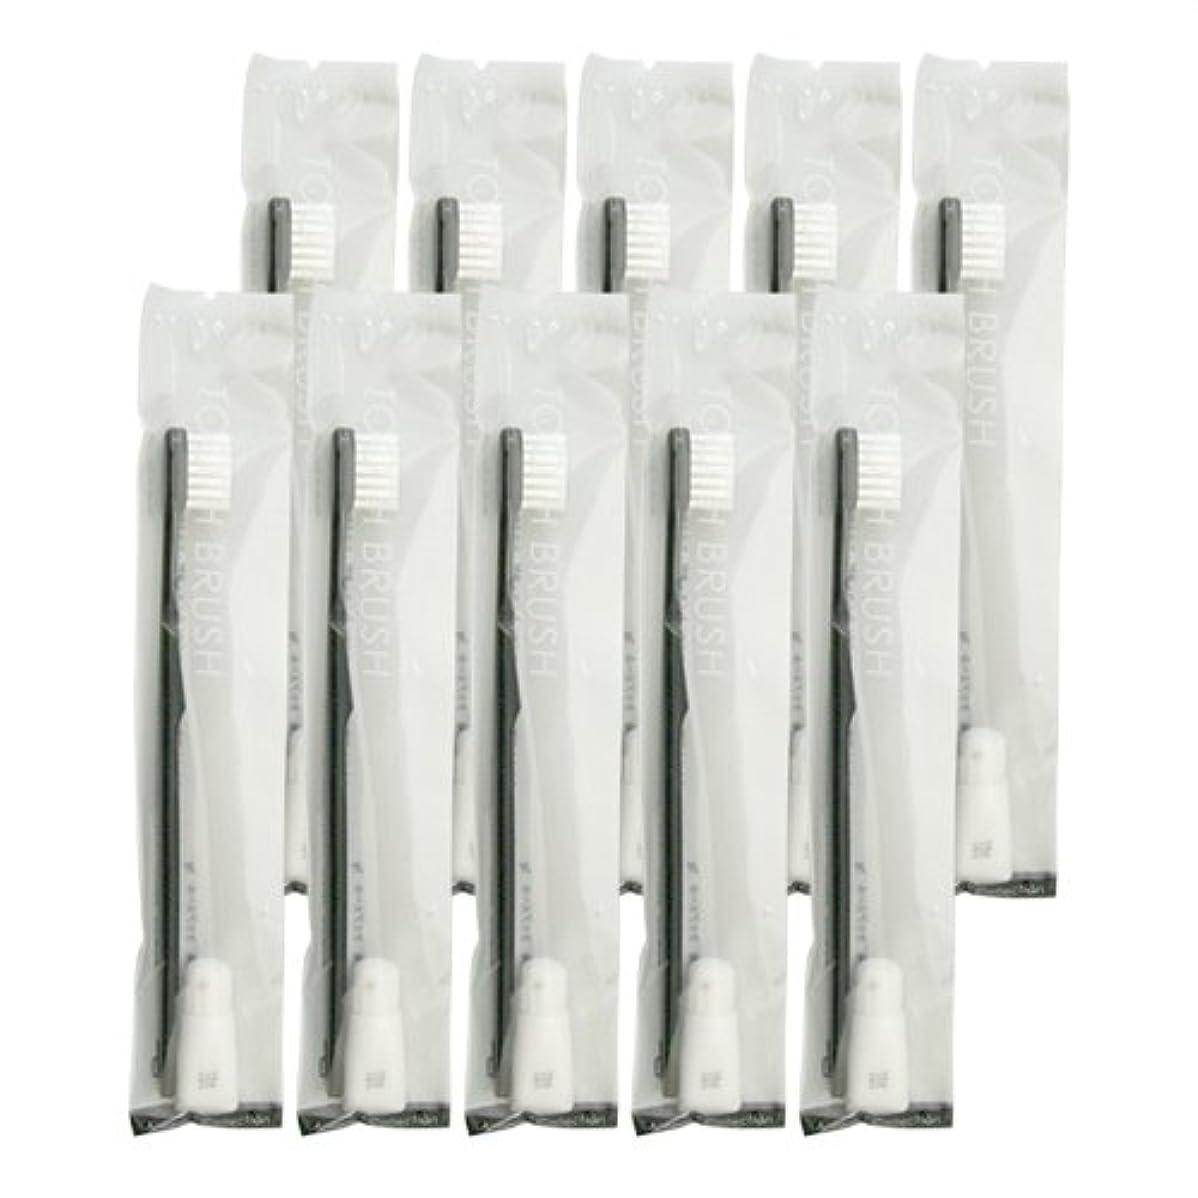 万歳繊維二年生業務用 使い捨て歯ブラシ チューブ歯磨き粉(3g)付き ブラック 10本セット│ホテルアメニティ 個包装タイプ